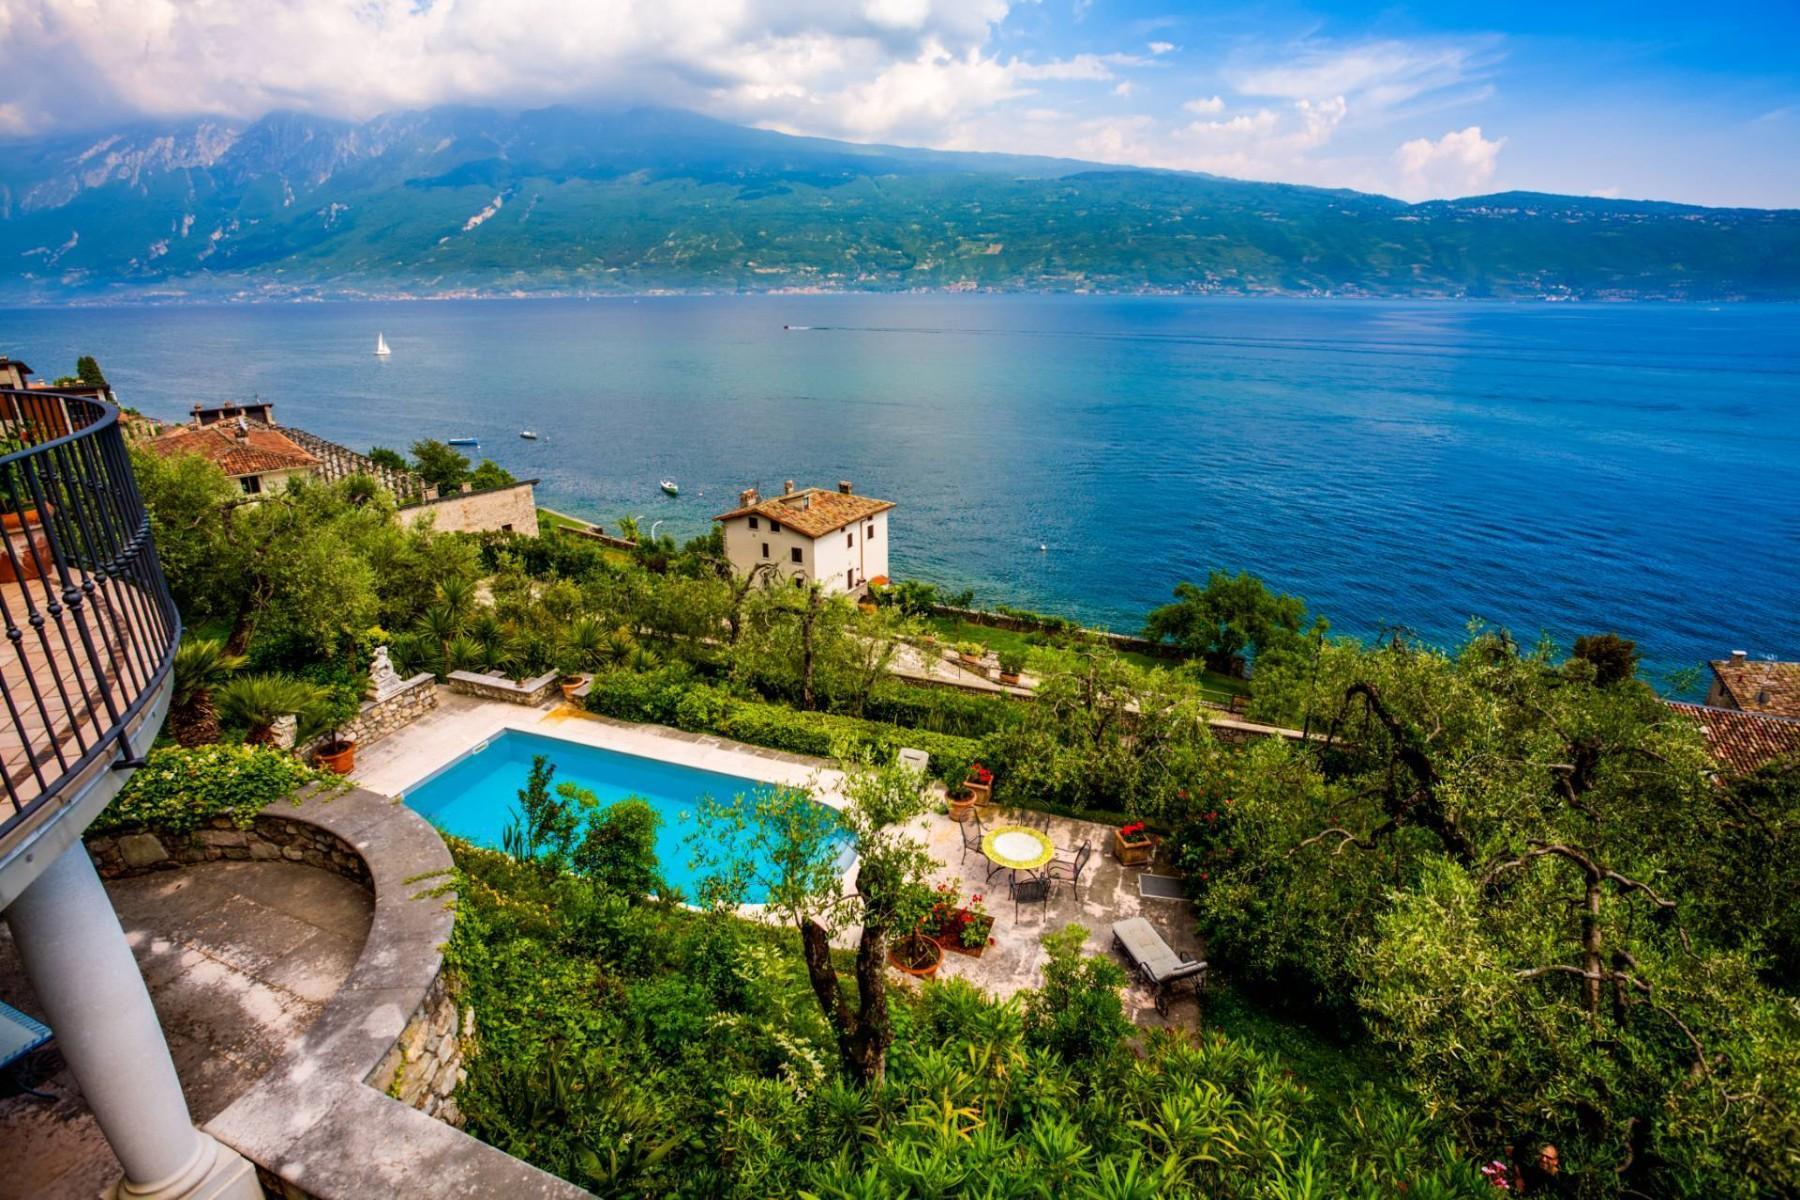 Atemberaubende moderne Villa mit exklusivem Pool und herrlichem Seeblick - 6